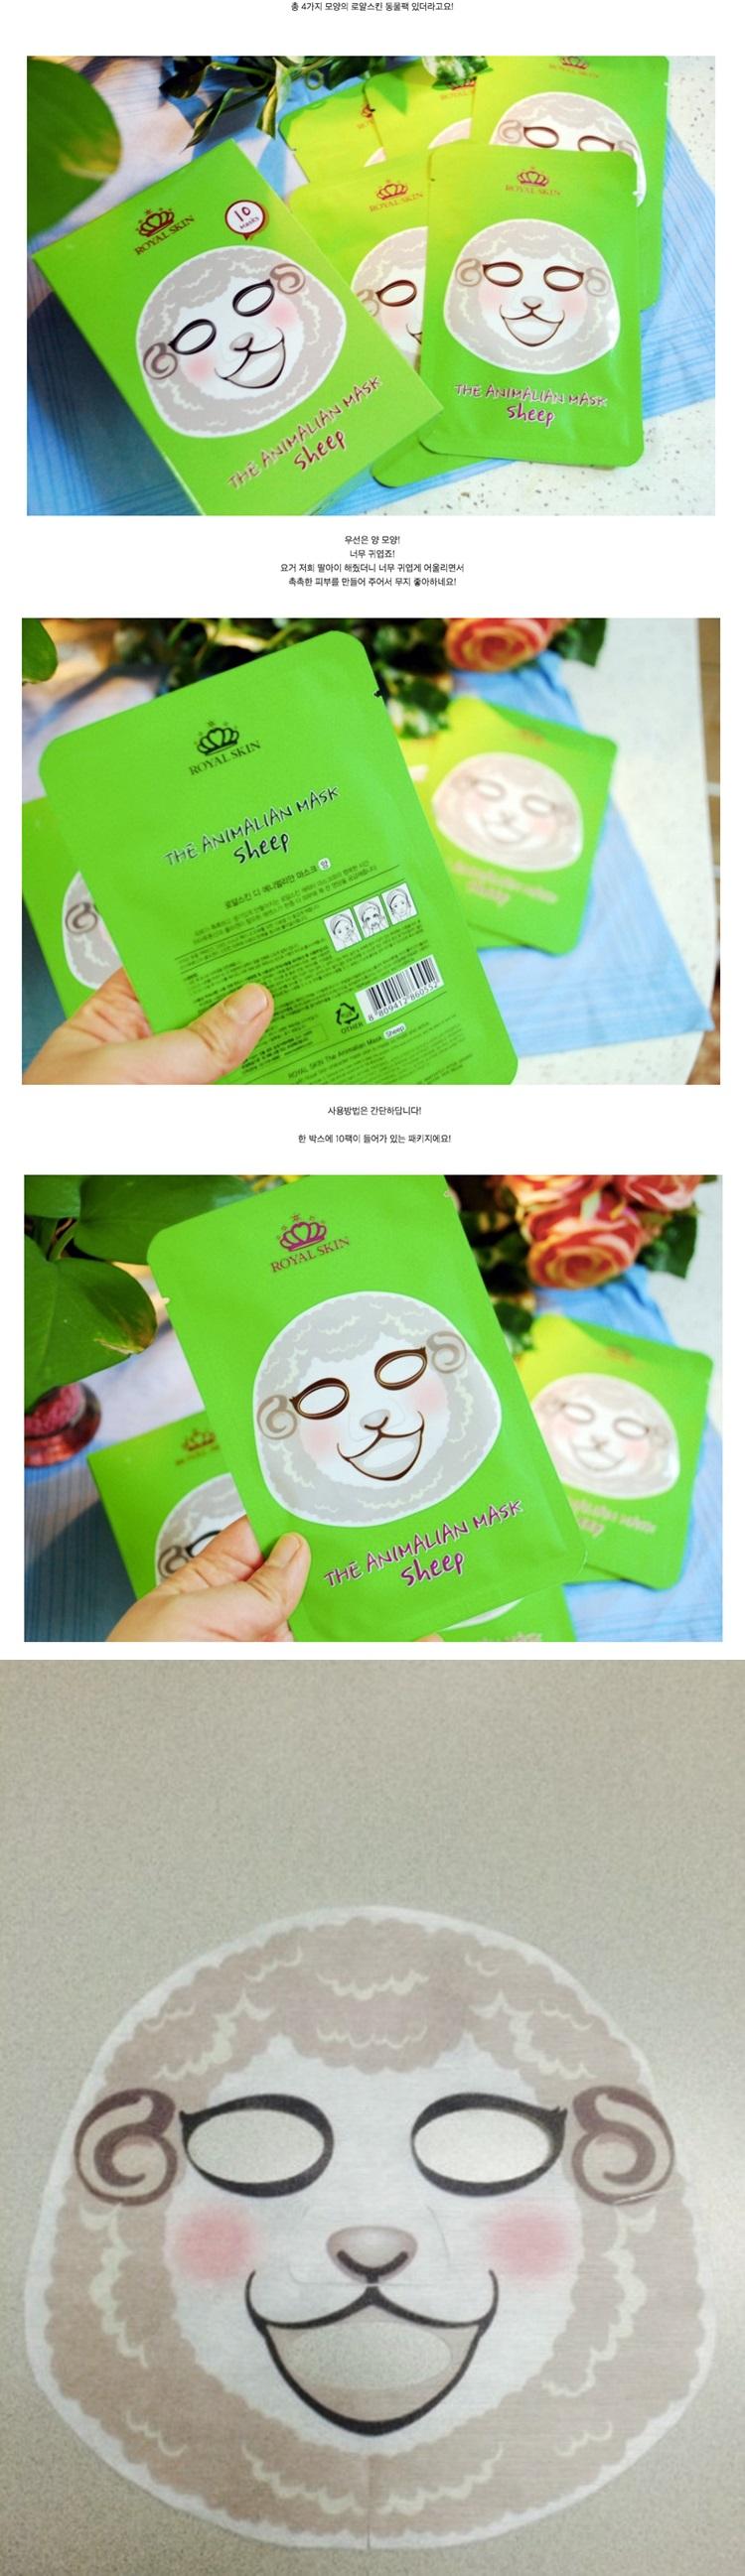 韓國動物面膜_ROYALSKIN專利不滴水可愛動物面膜(綿羊款)2.jpg